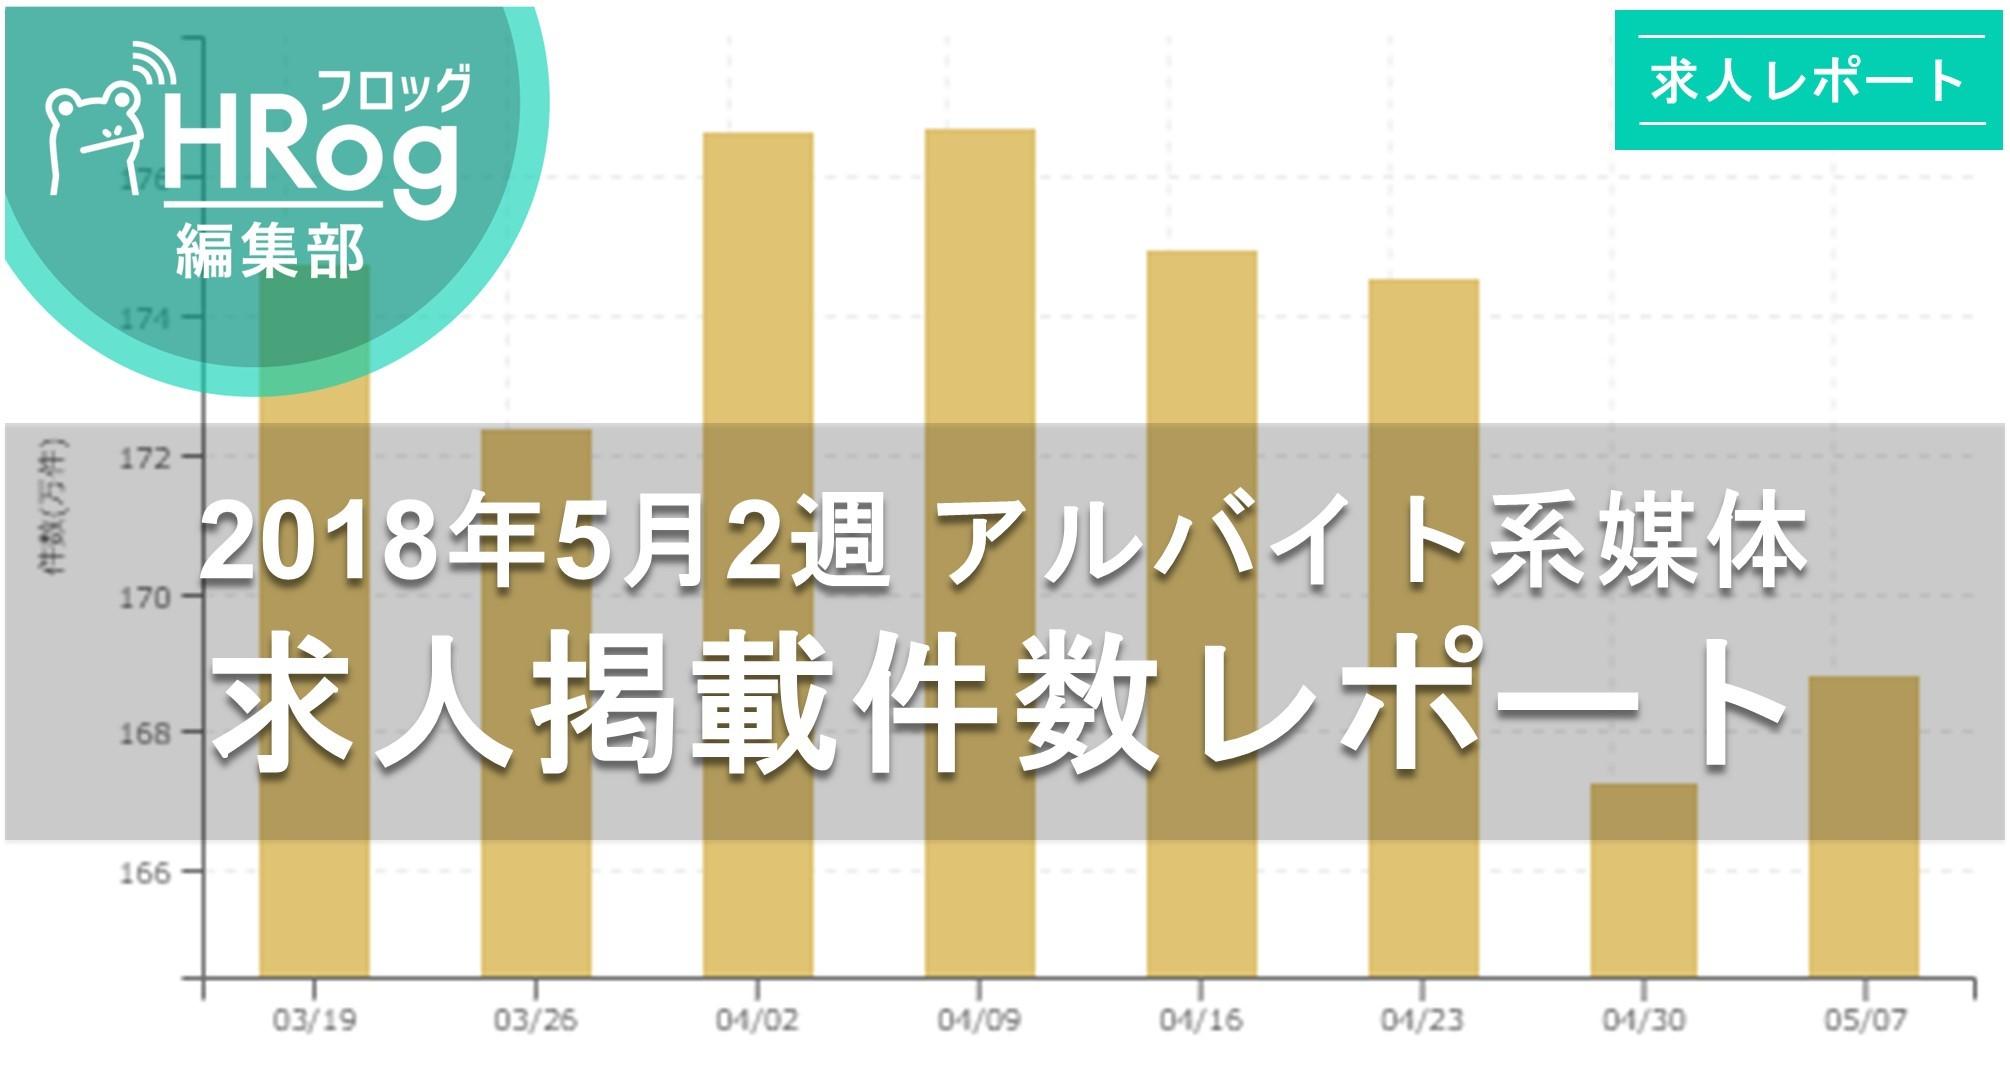 【2018年5月2週 アルバイト系媒体 求人掲載件数レポート】先週比15,000件のプラス、前年比123%の高水準!